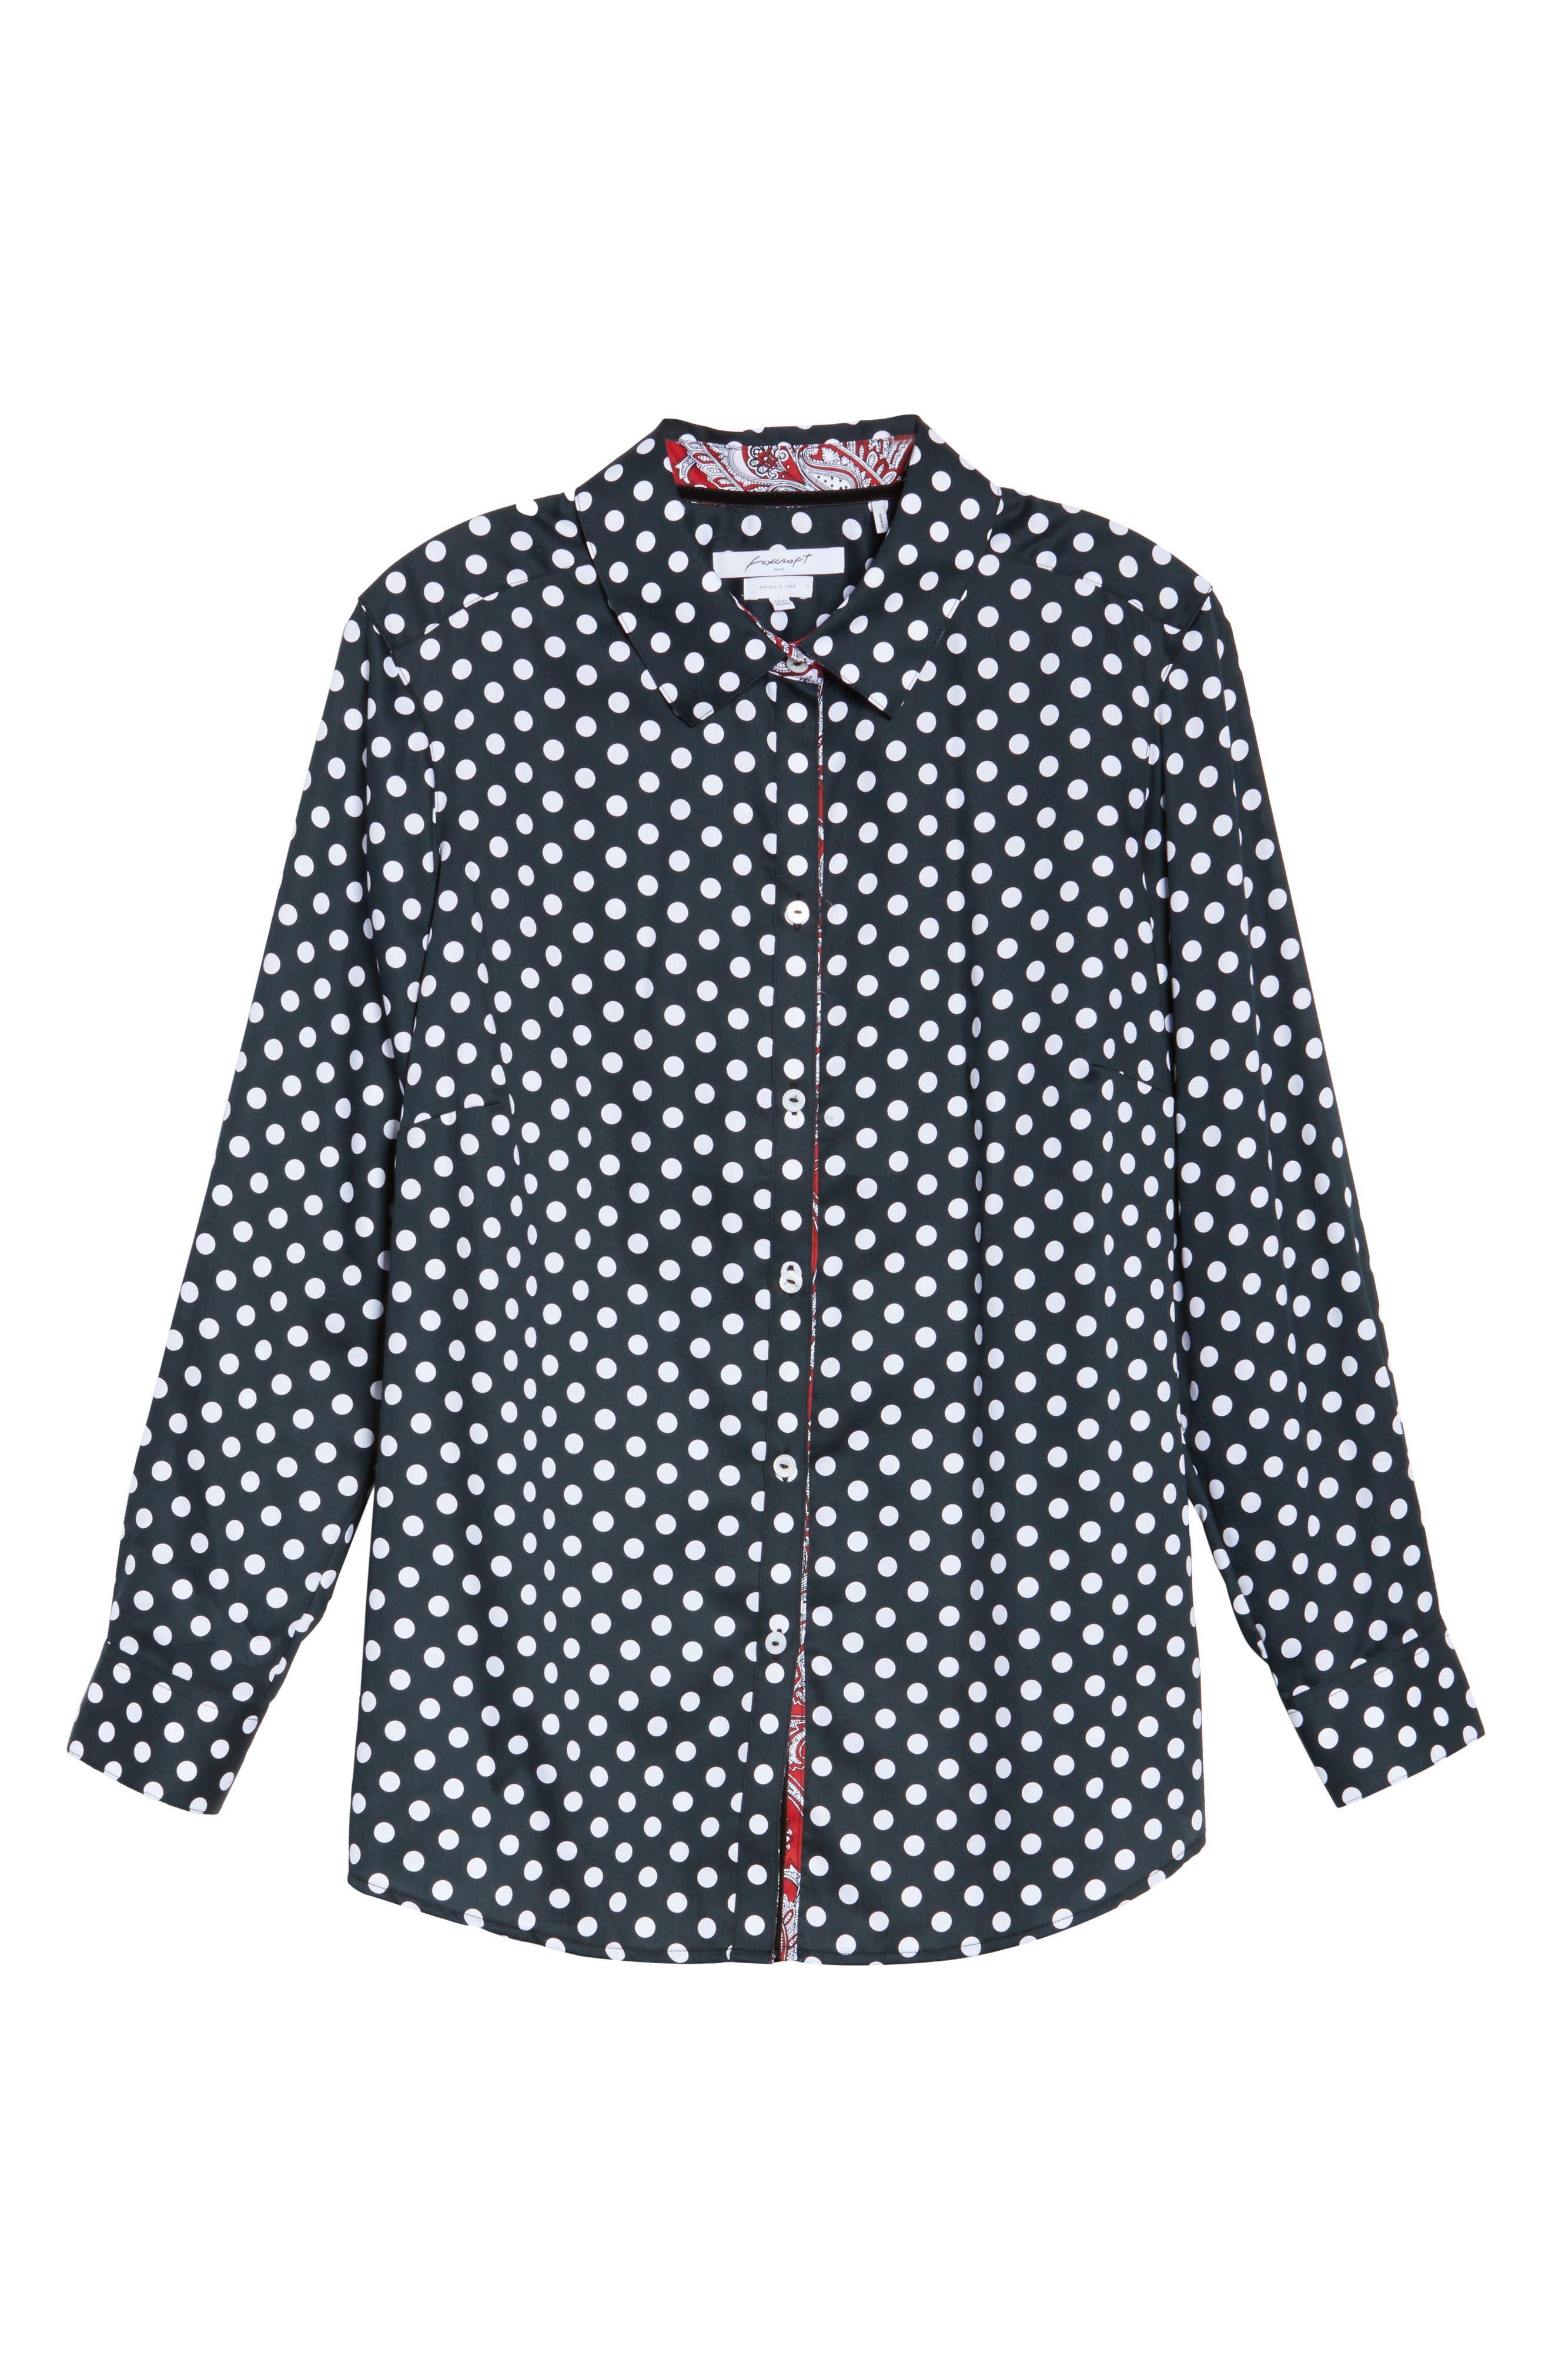 Ava Polka Dot Wrinkle-Free Shirt,                             Alternate thumbnail 6, color,                             001